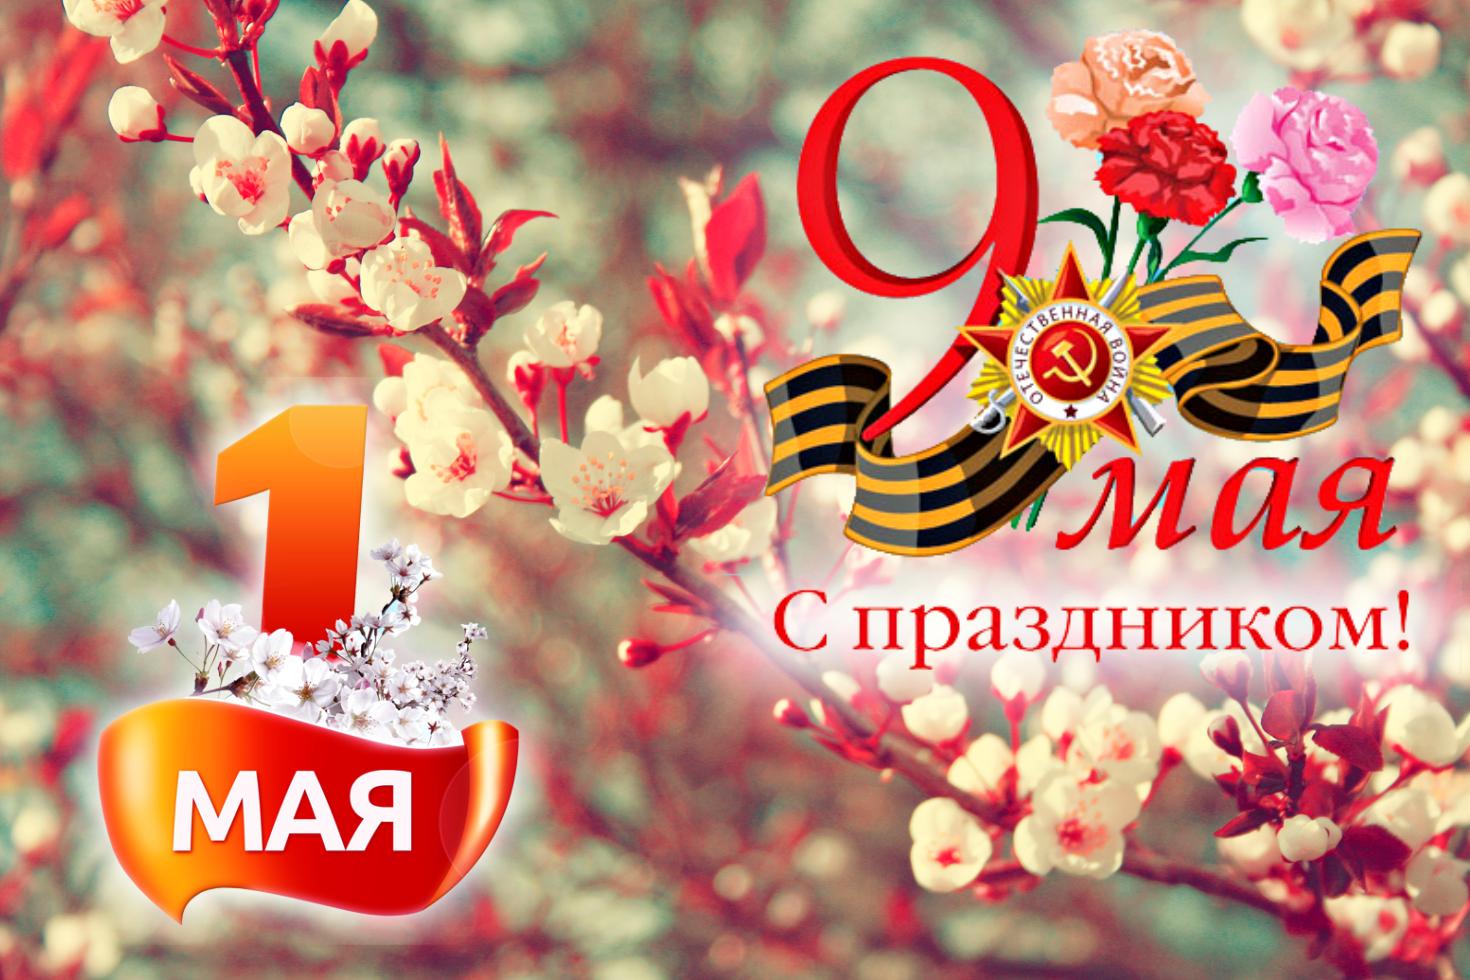 Автосервис АВТО-РЕМейк поздравляет всех с наступающими майскими праздниками